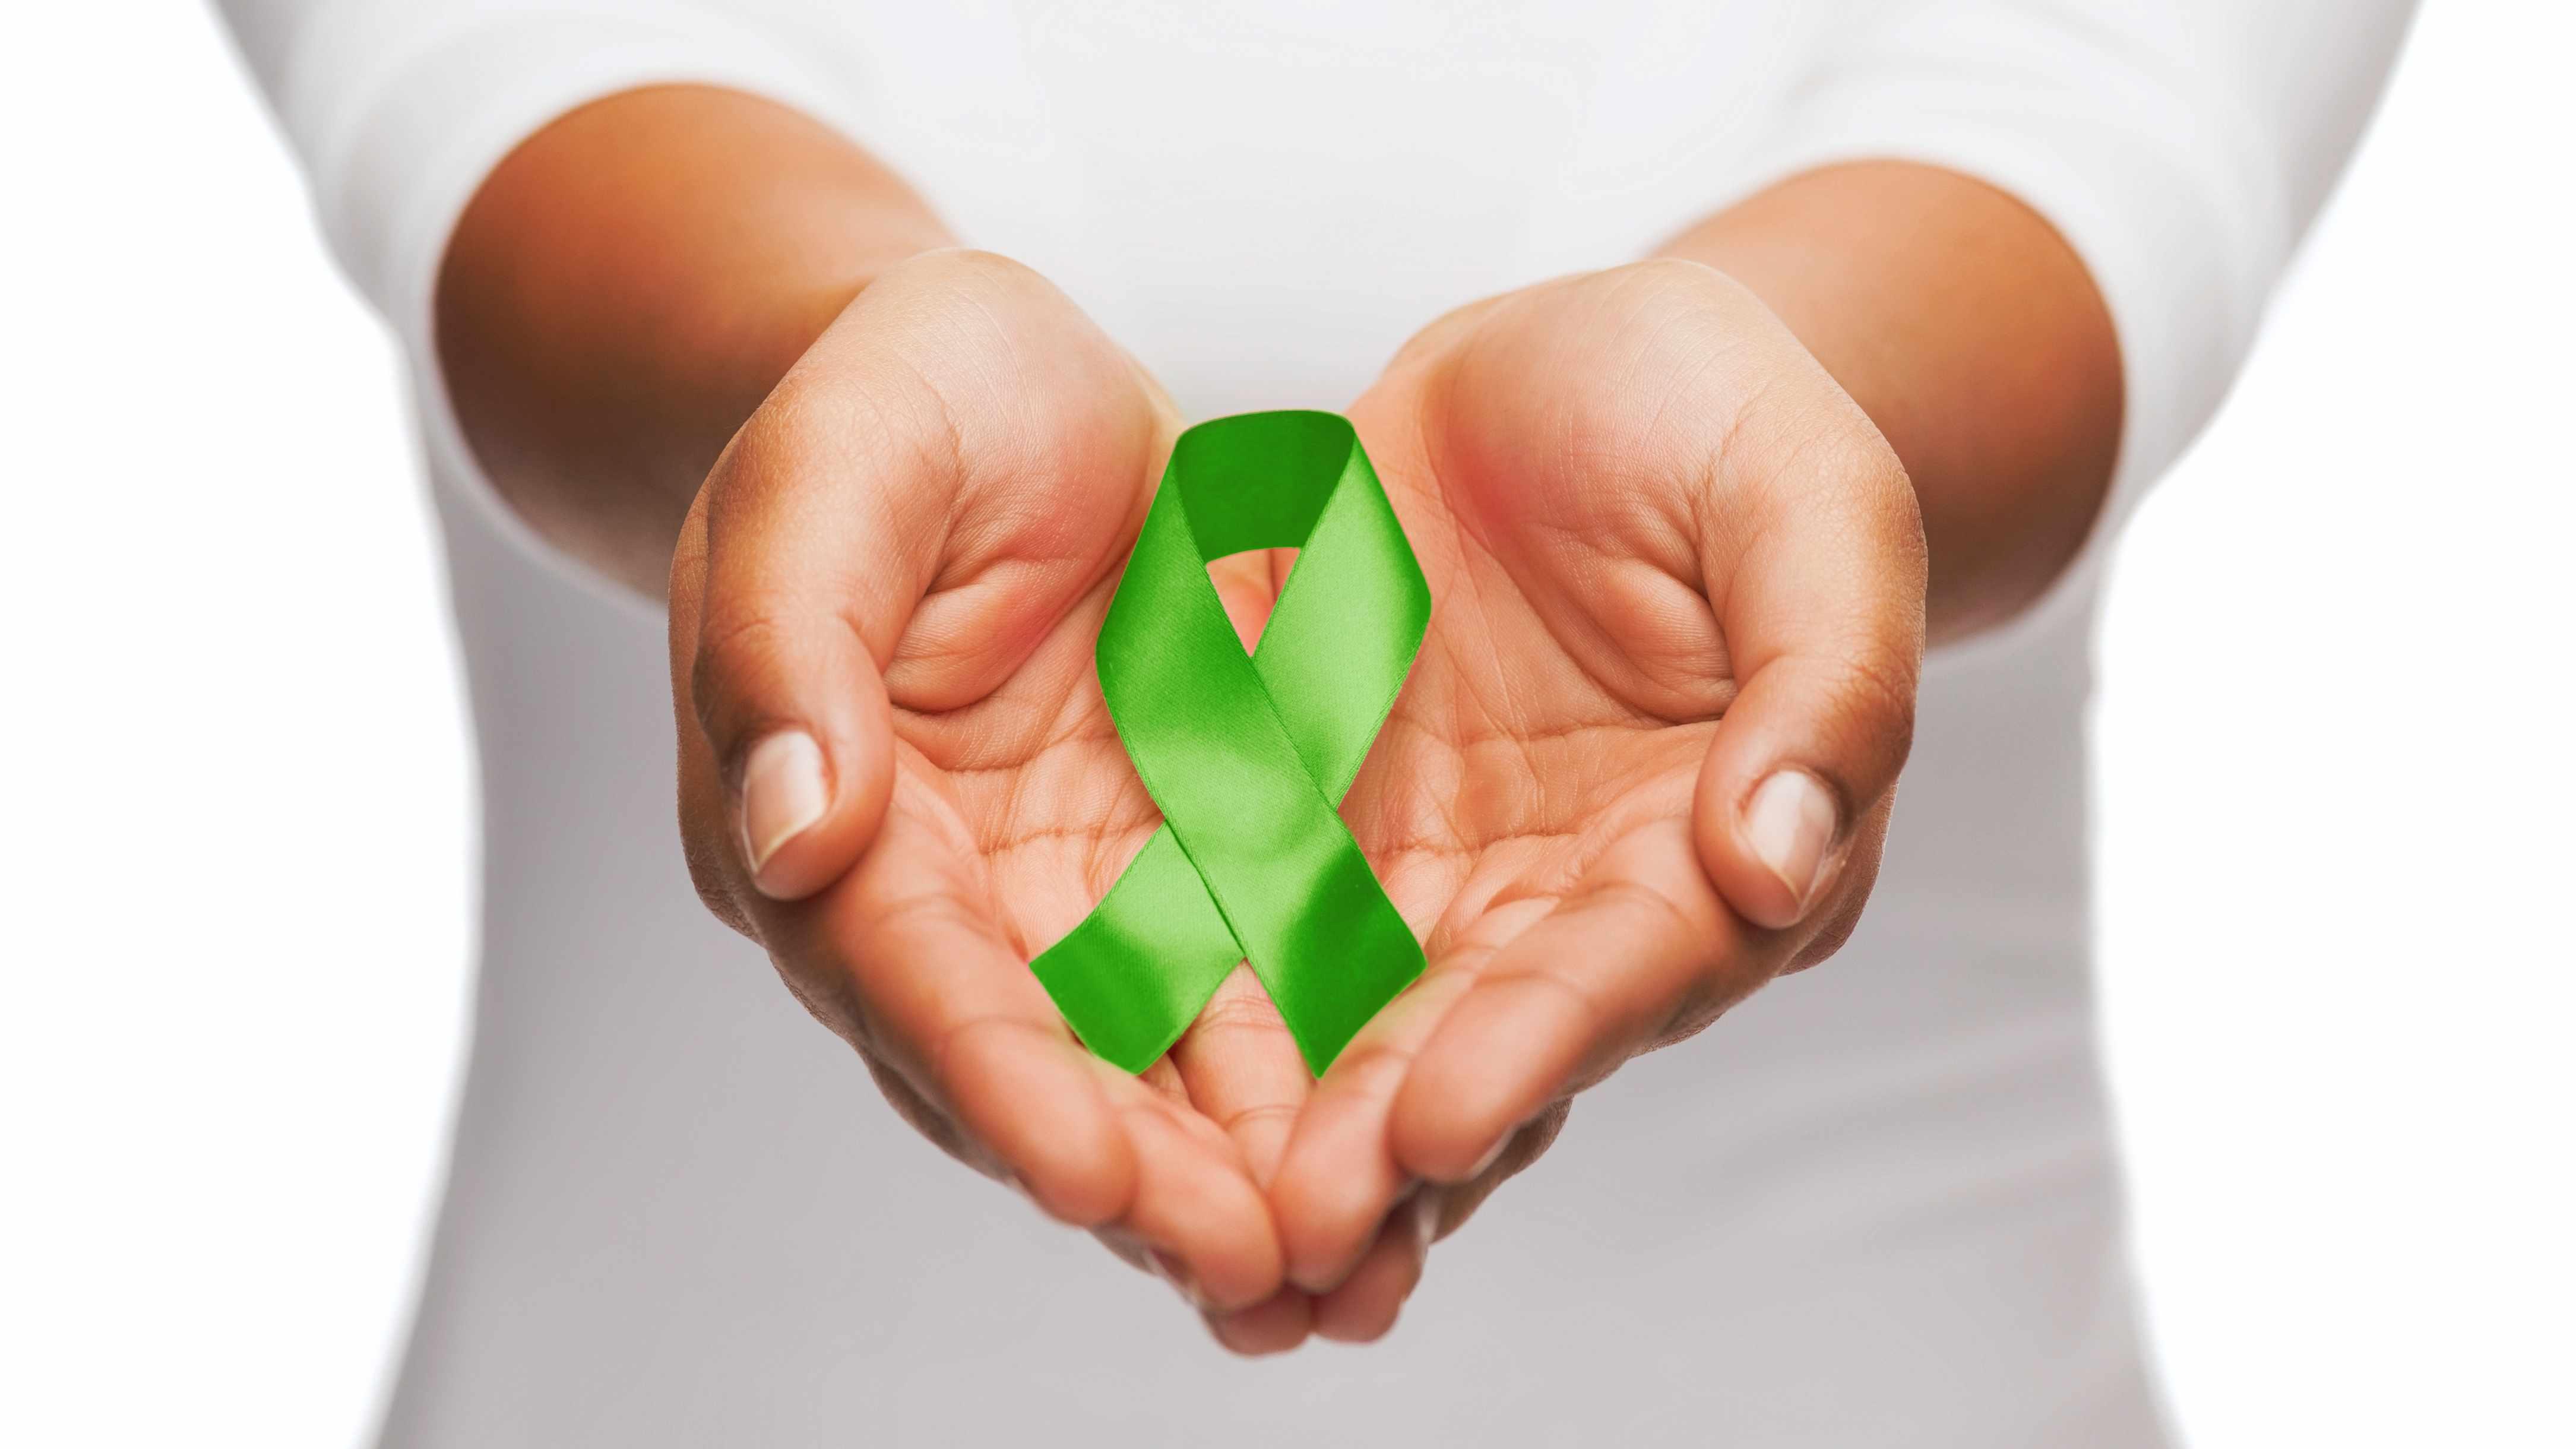 Unas manos femeninas sostienen un cinta verde para concienciación sobre el trasplante de órganos